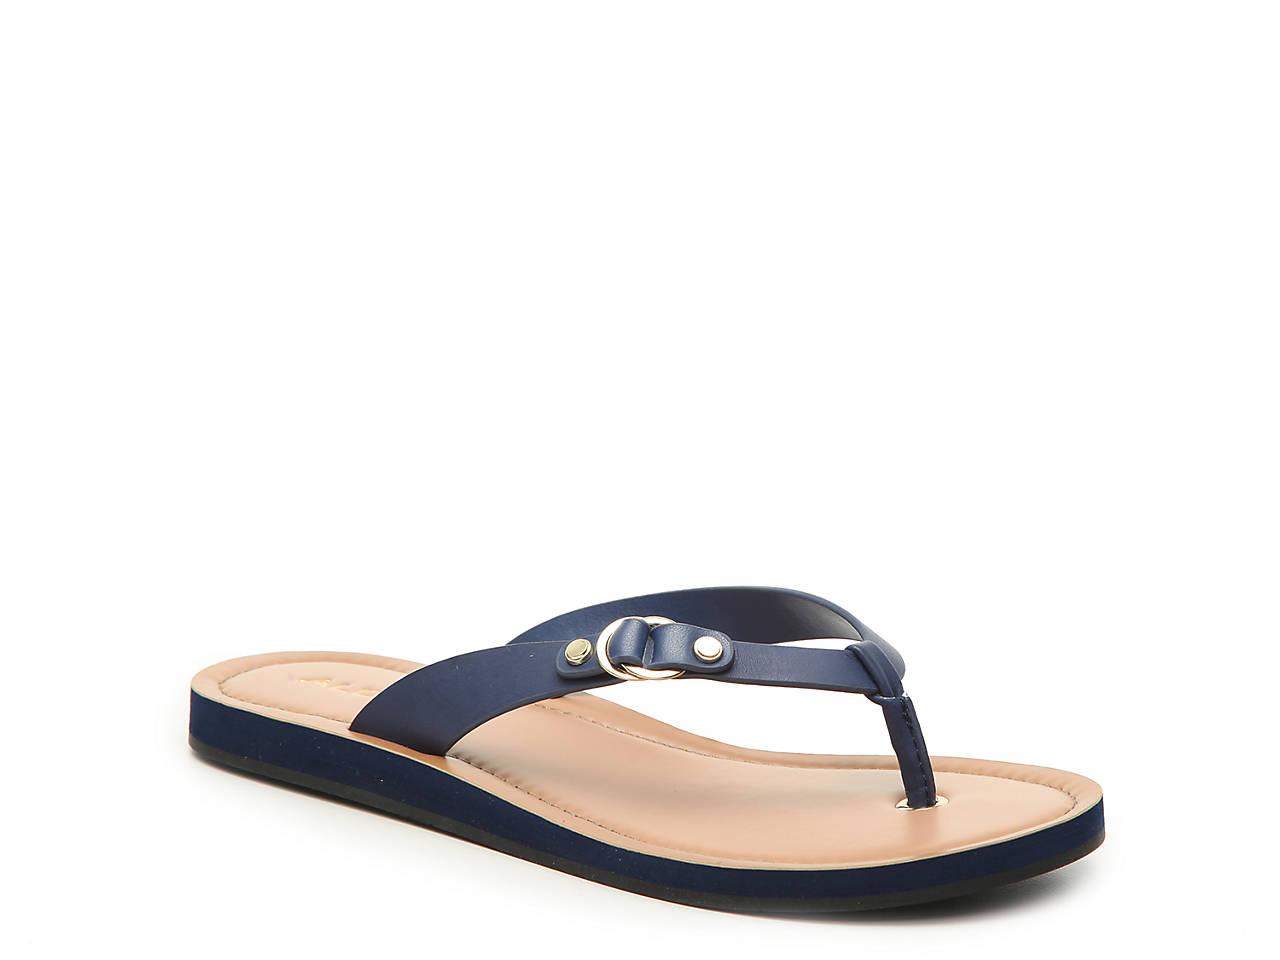 a628daff09 Aldo Meringwen Flip Flop Women's Shoes | DSW